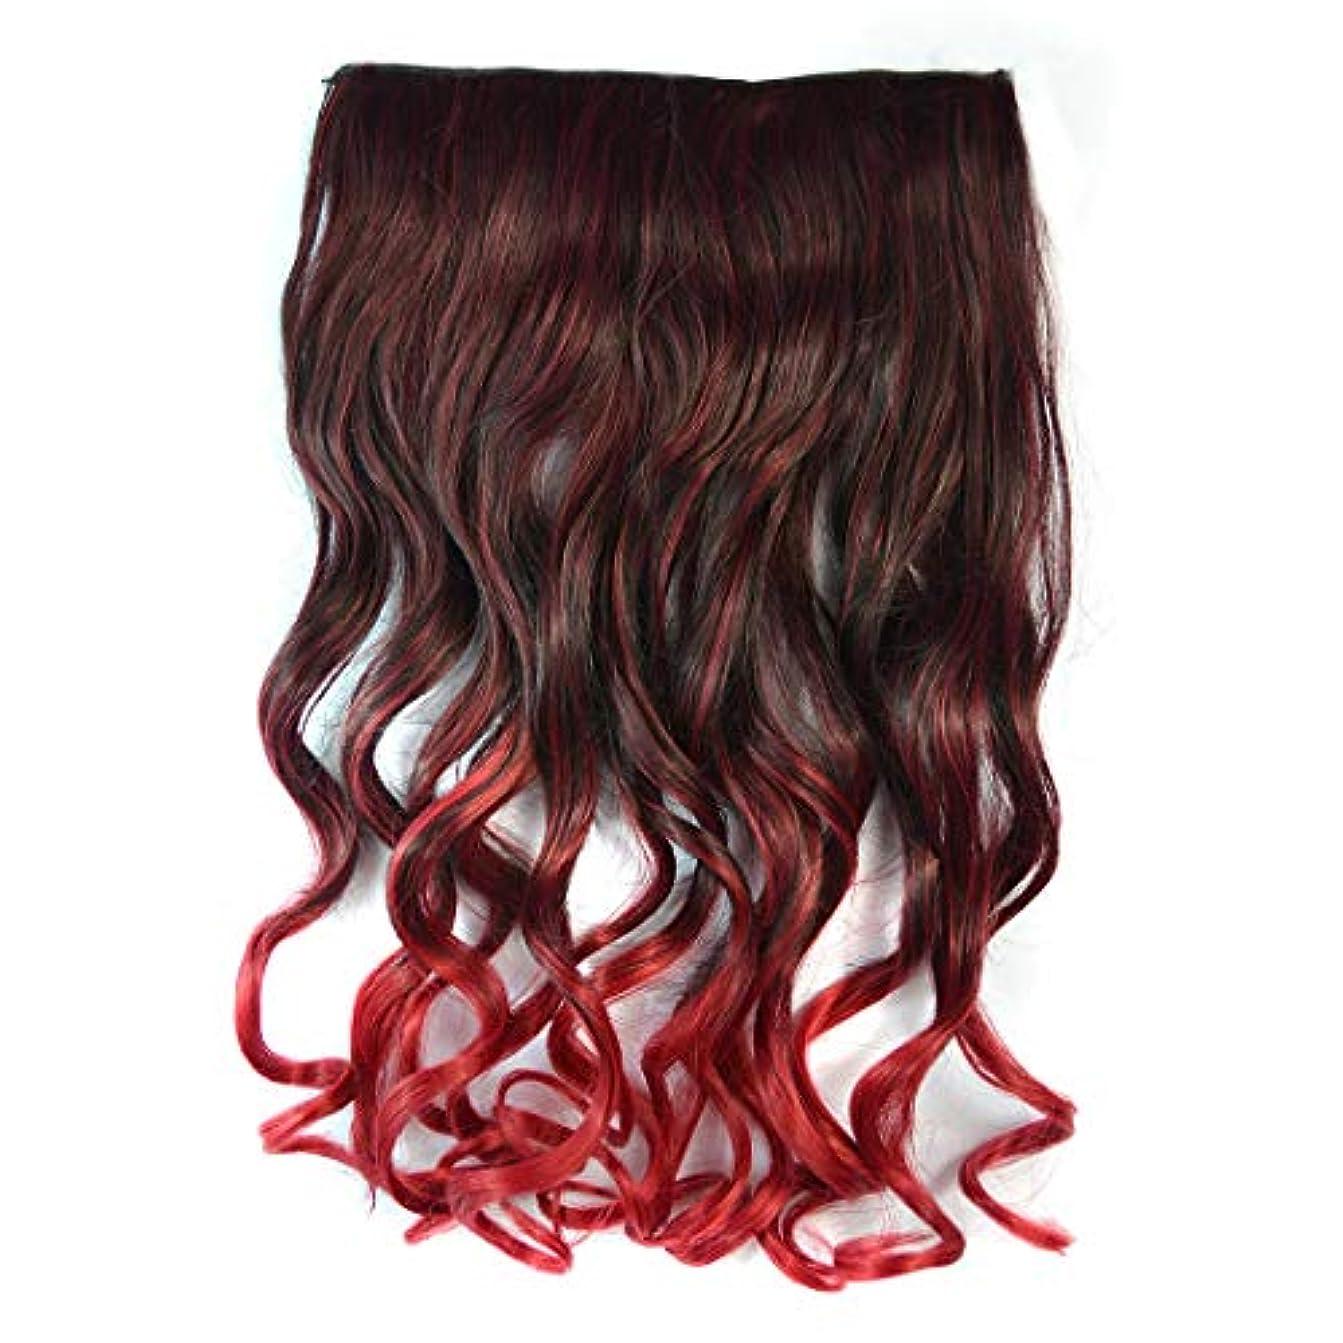 アナリストびっくり士気WTYD 美容ヘアツール ワンピースシームレスヘアエクステンションピースカラーグラデーション大波ロングカーリングクリップタイプヘアピース